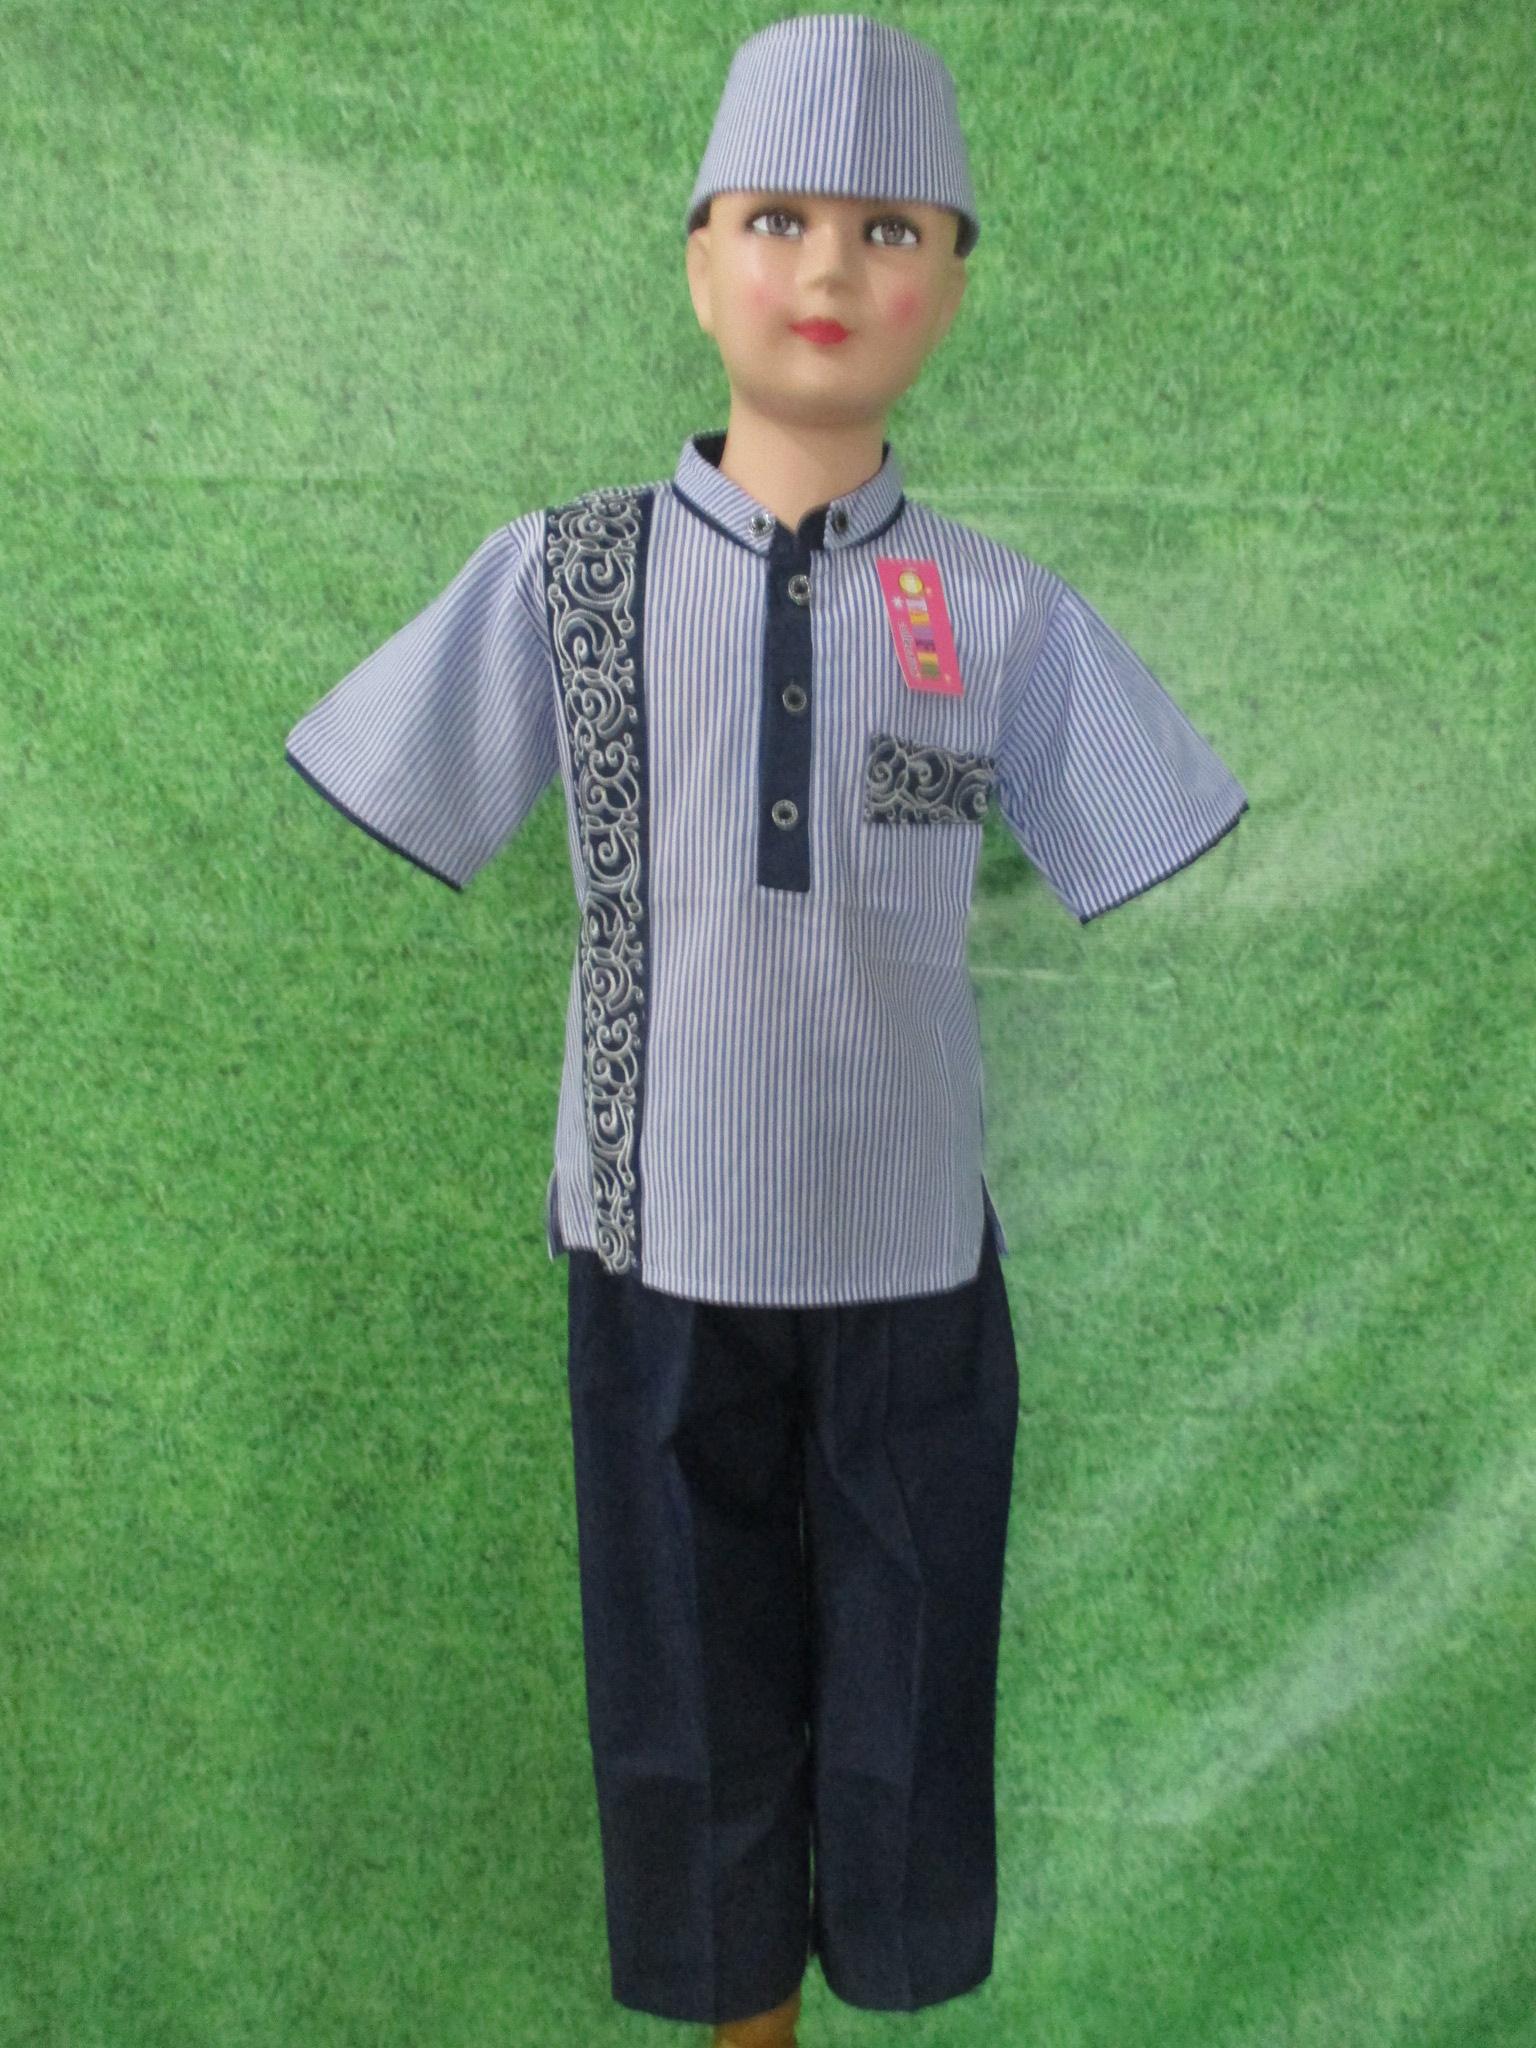 ObralanBaju.com Obral Baju Pakaian Murah Meriah 5000 Koko Taufiq Levis